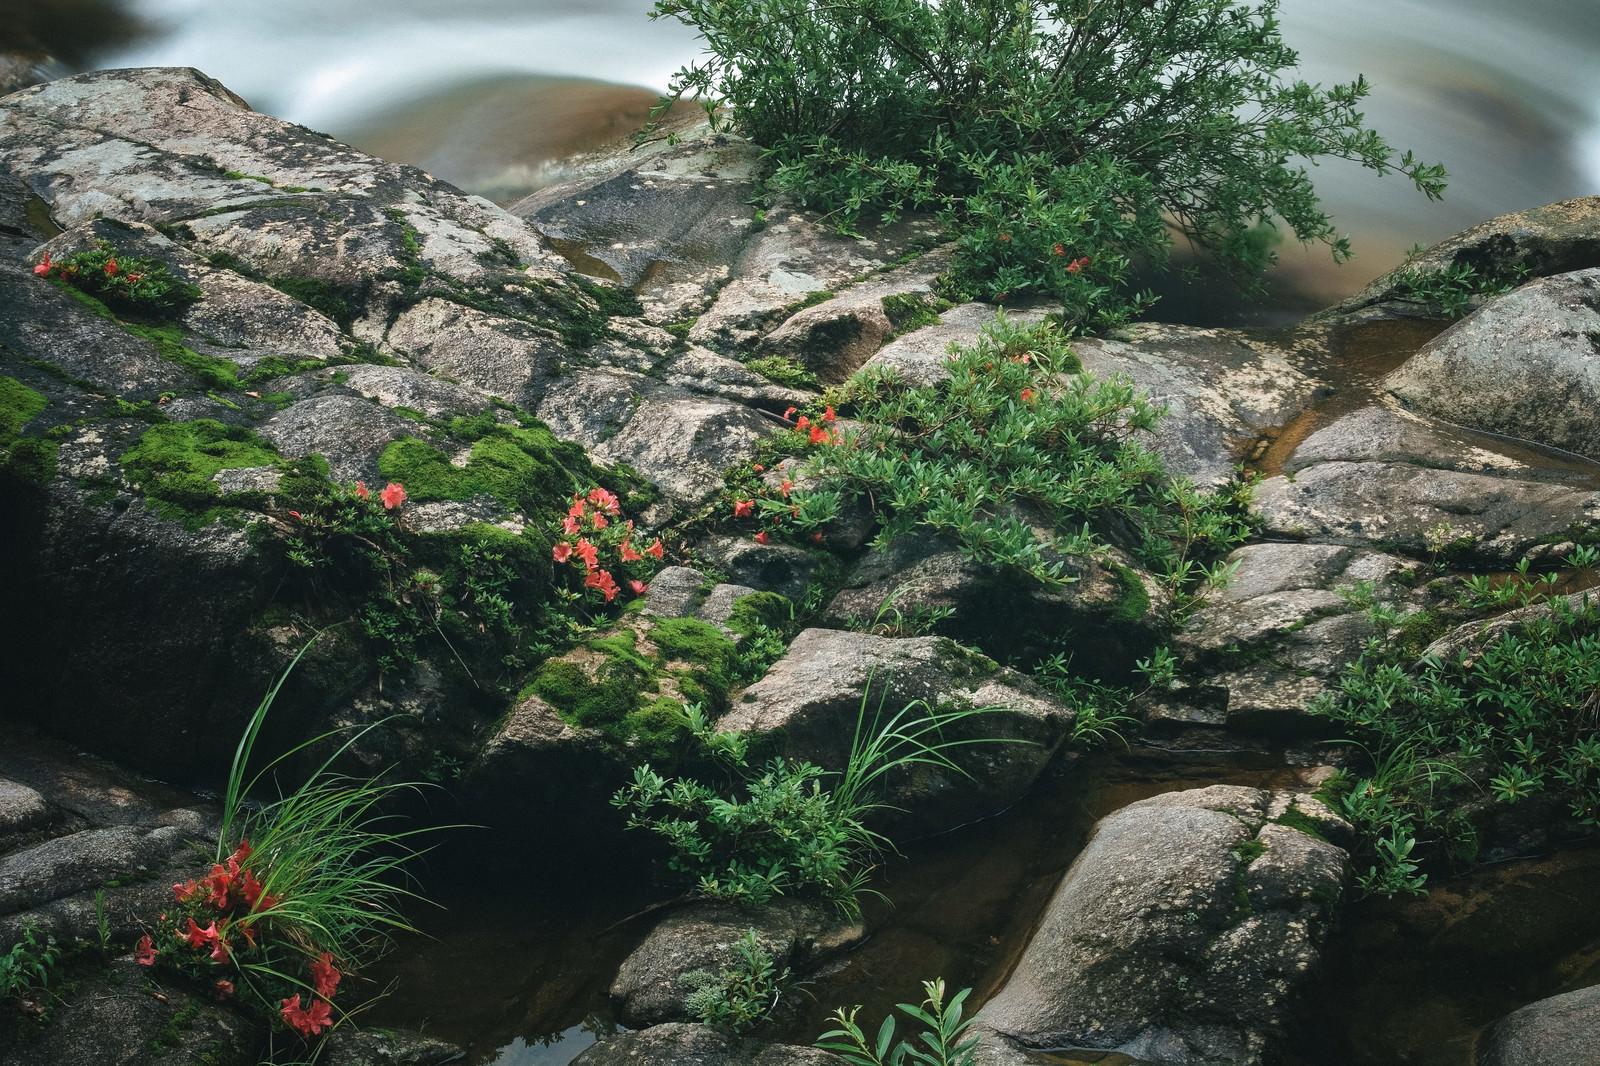 「小戸名渓谷に咲く岩つつじ小戸名渓谷に咲く岩つつじ」のフリー写真素材を拡大